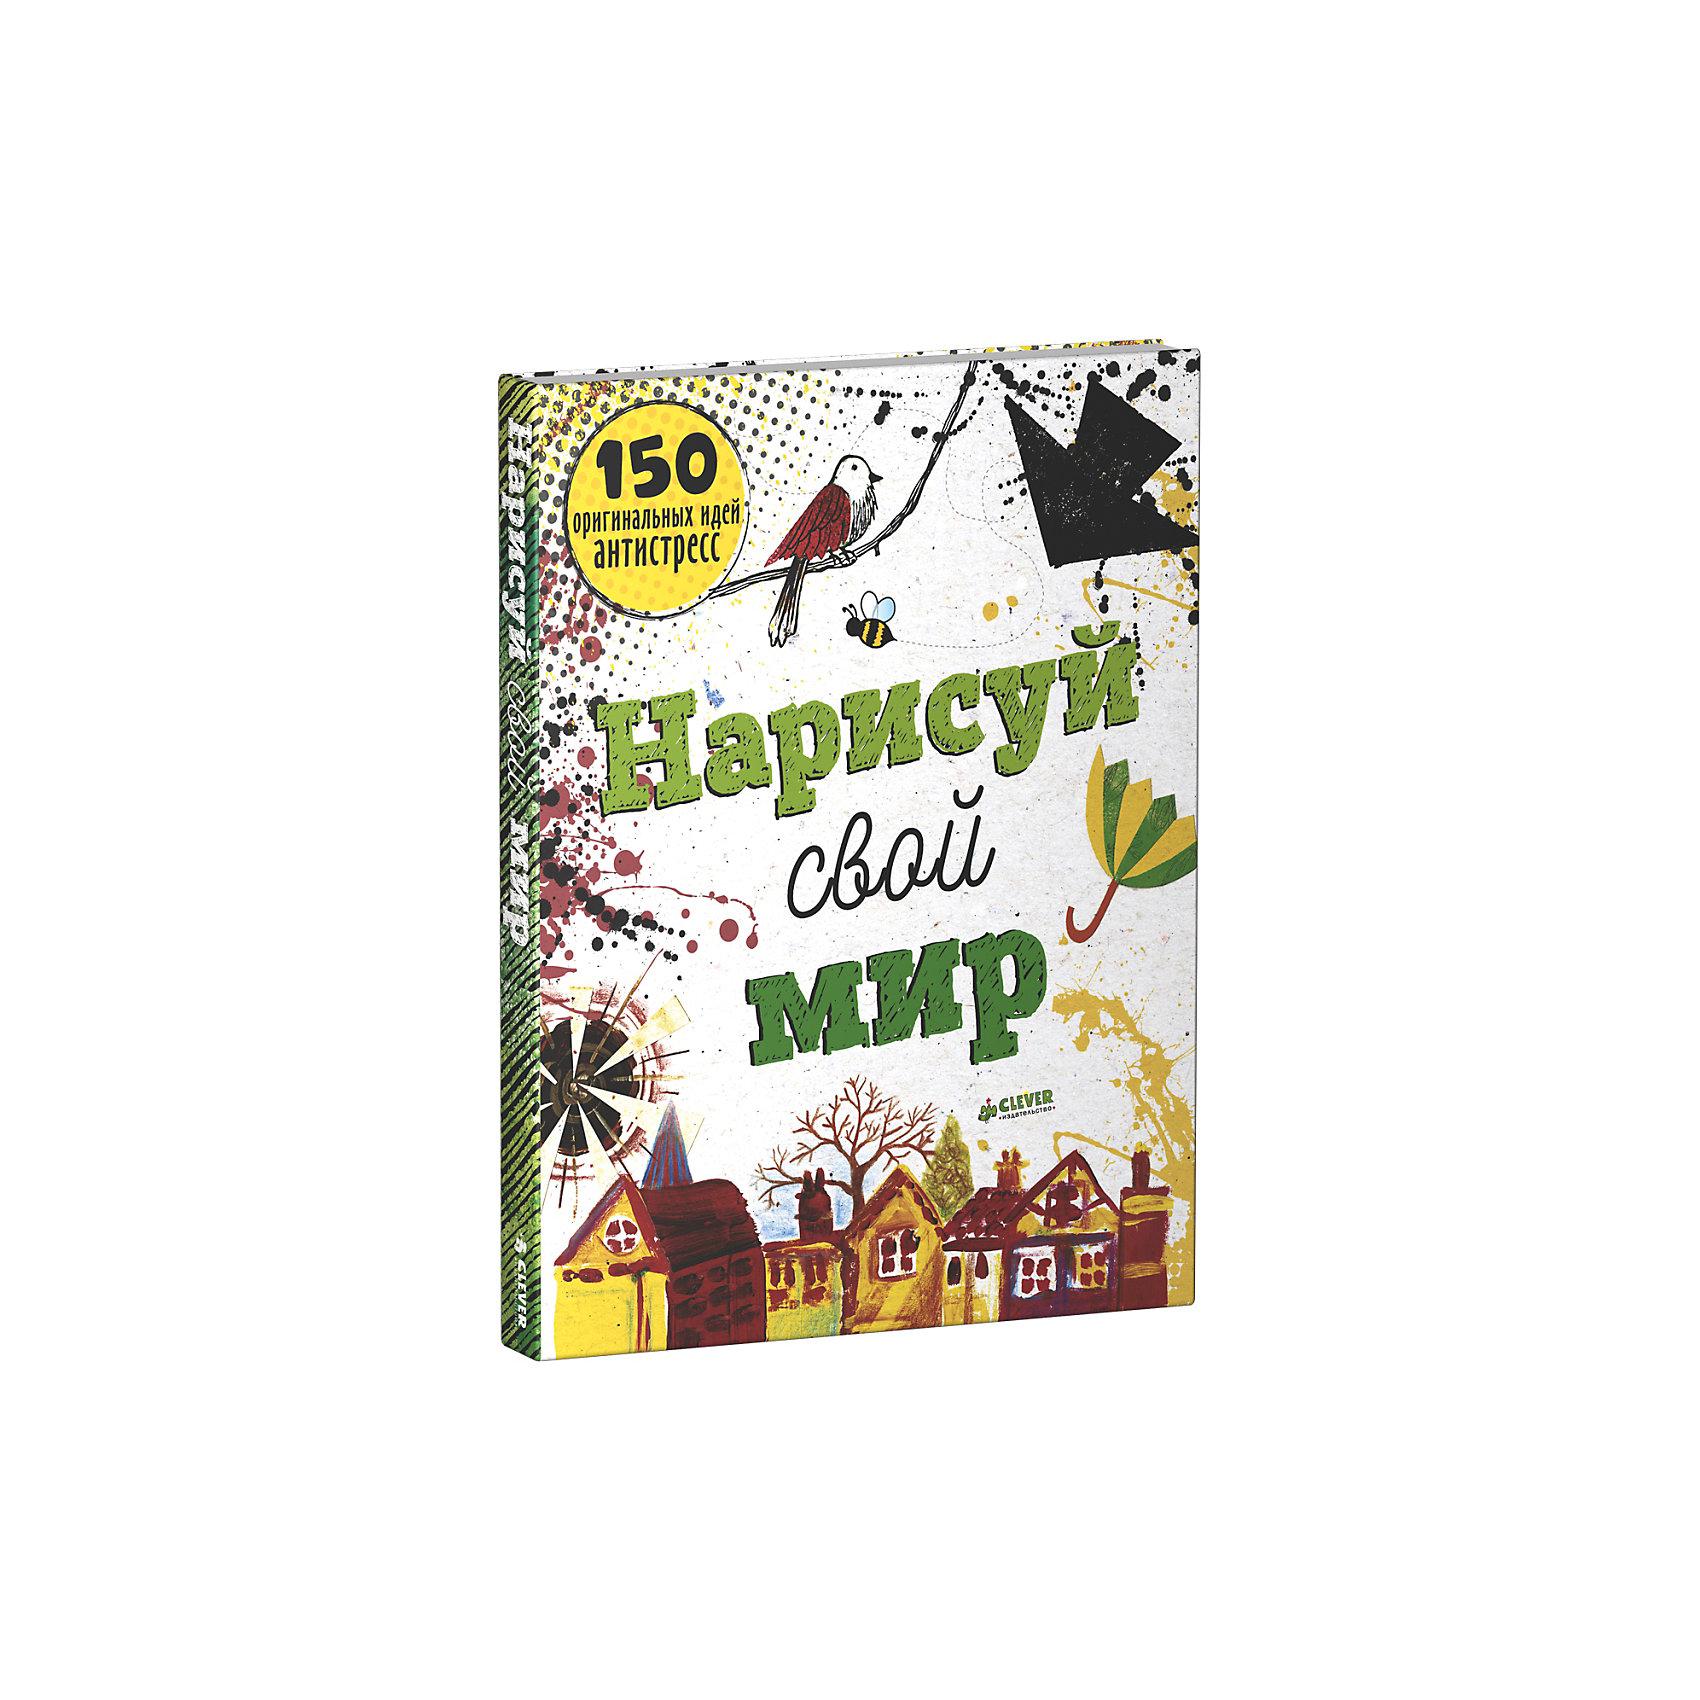 Нарисуй свой мир, 150 оригинальных идей антистрессРаскраски по номерам<br>Нарисуй свой мир, 150 оригинальных идей антистресс<br><br>Характеристики:<br><br>• ISBN: 978-5-906824-85-1<br>• Кол-во страниц:192<br>• Возраст: от 8 лет <br>• Формат: а4<br>• Размер книги: 270x210x10 мм<br>• Бумага: офсет<br>• Вес: 470 г<br>• Обложка: мягкая<br><br>Творчество и, в частности, рисование – прекрасный способ снять стресс, напряжение и освободиться от беспокойства. Если вы устали, раздражены или не знаете, чем себя занять – эта книга прекрасно подойдет для того, чтобы развлечься, найти вдохновение, расслабиться и почувствовать радость. <br><br>Эта книга-альбом для творчества и рисования позволяет отвлечься от повседневных забот и побыть наедине с собой. Не важно, умеете ли вы рисовать, важно только выражать себя, пробовать – и все получится. Для использования этой книги не нужна академическая точность – только ваше желание.<br><br>Нарисуй свой мир, 150 оригинальных идей антистресс можно купить в нашем интернет-магазине.<br><br>Ширина мм: 270<br>Глубина мм: 210<br>Высота мм: 20<br>Вес г: 470<br>Возраст от месяцев: 84<br>Возраст до месяцев: 132<br>Пол: Унисекс<br>Возраст: Детский<br>SKU: 5377819